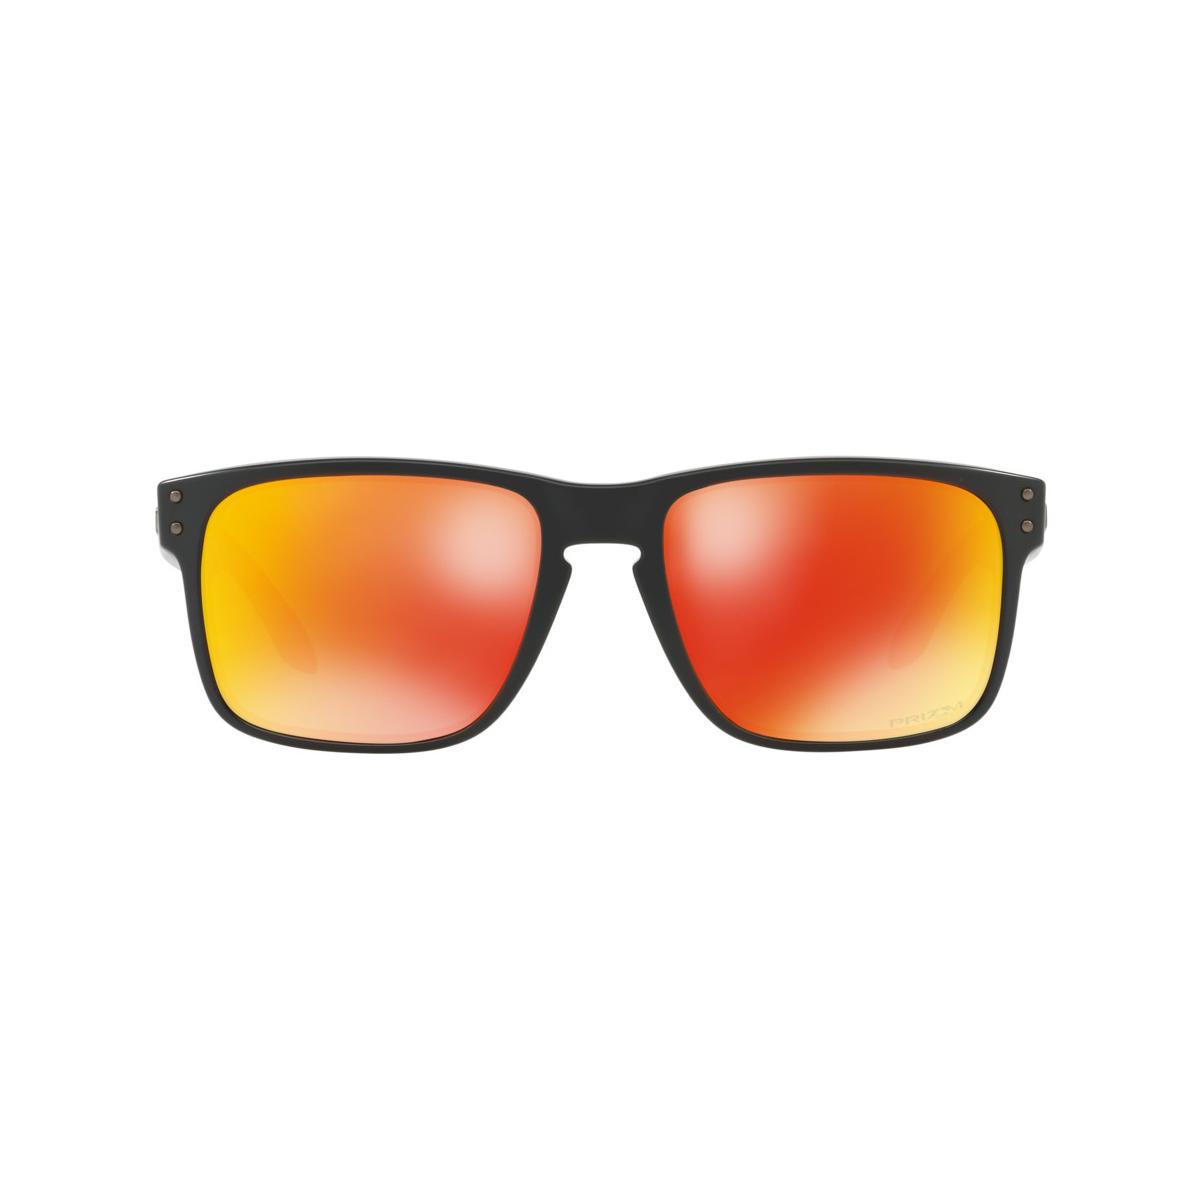 Óculos Oakley Holbrook Matte Black  Prizm Ruby ref OO9102-E2 9acf867af3